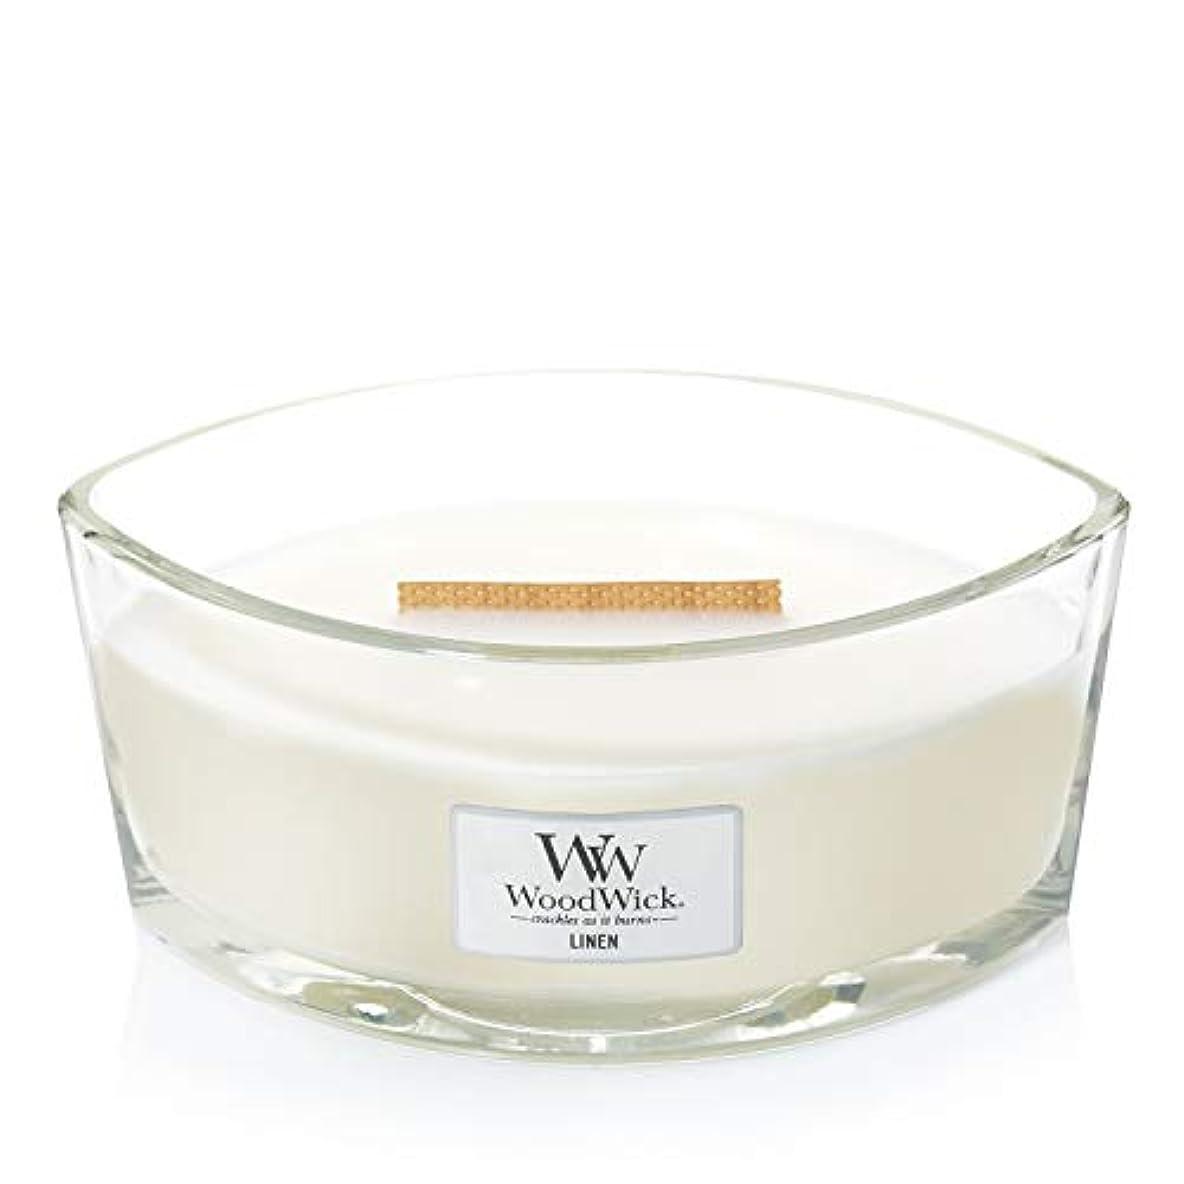 パス不規則なイブ(11.4cm l x 19cm w x 8.8cm h) - WoodWick 76135 Linen HearthWick Candle, White